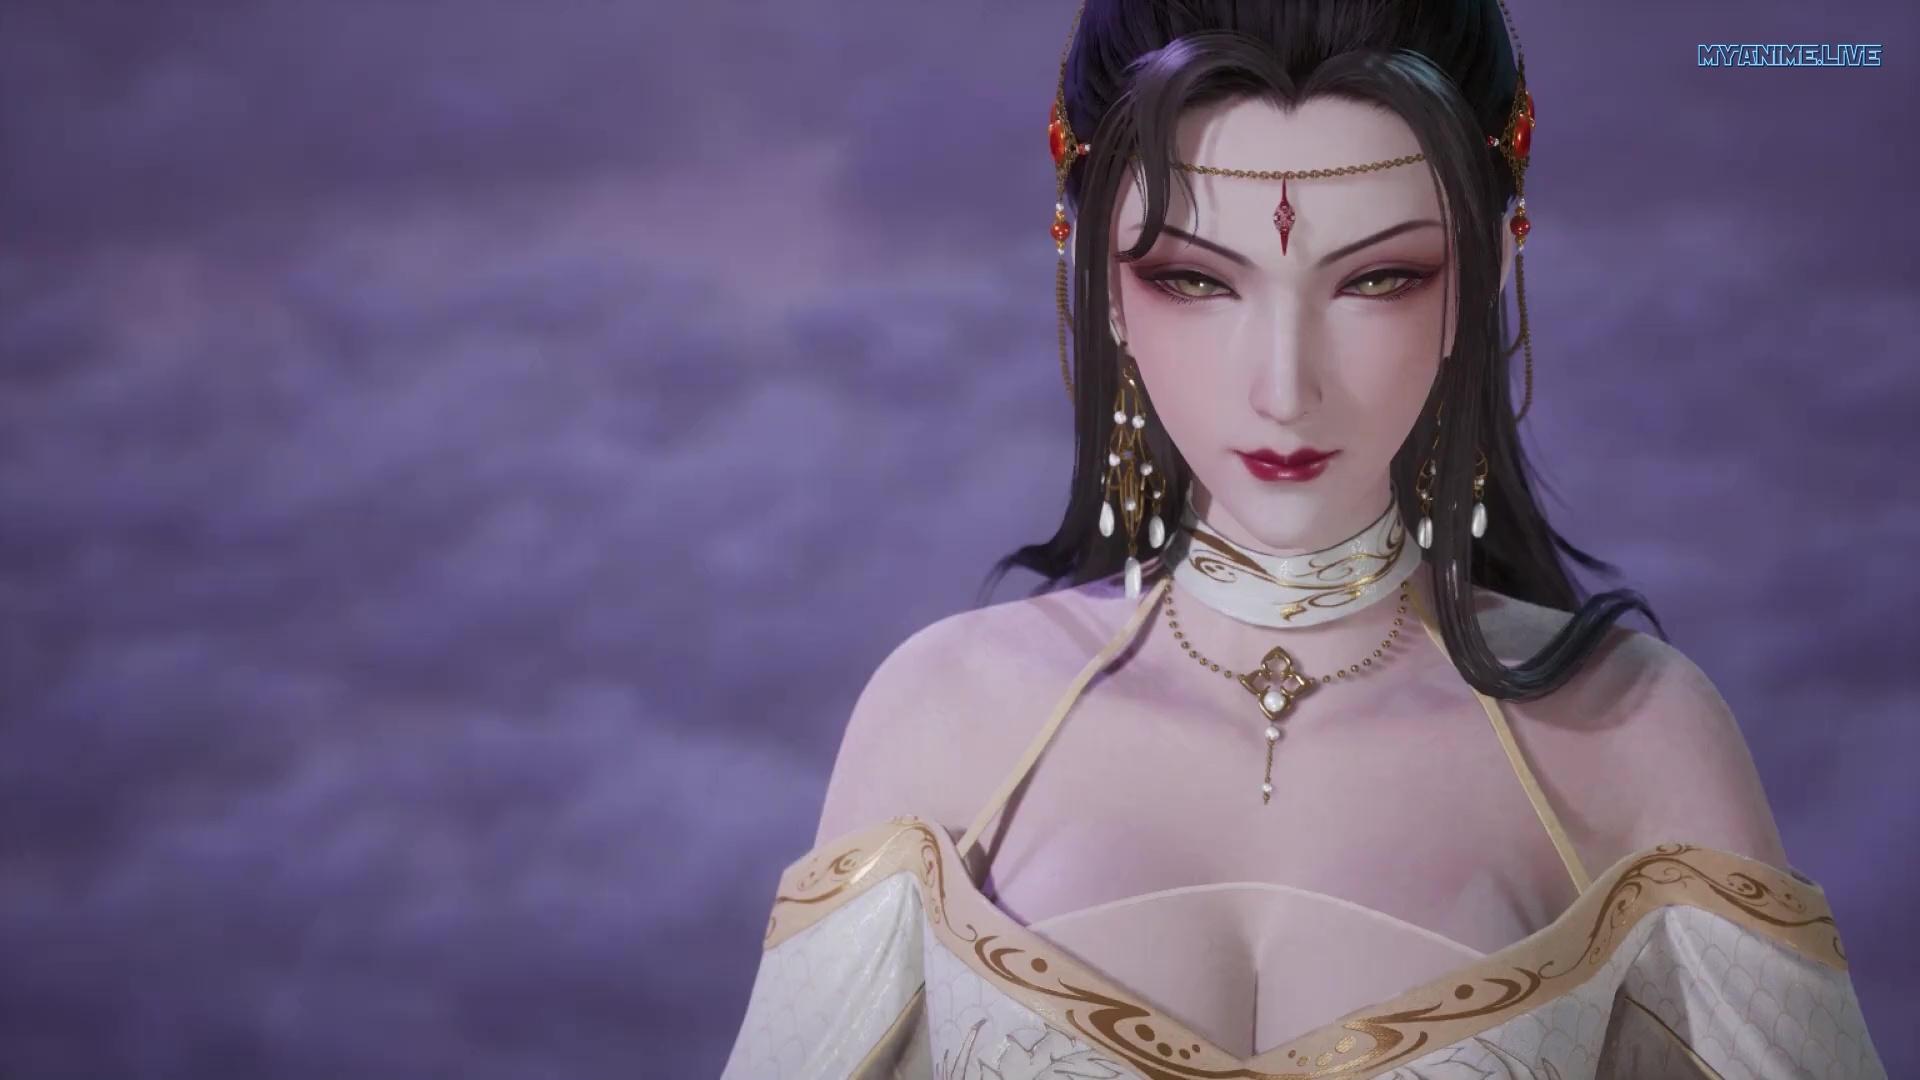 Wan Jie Shen Zhu - Lord of The Universe episode 159 english sub